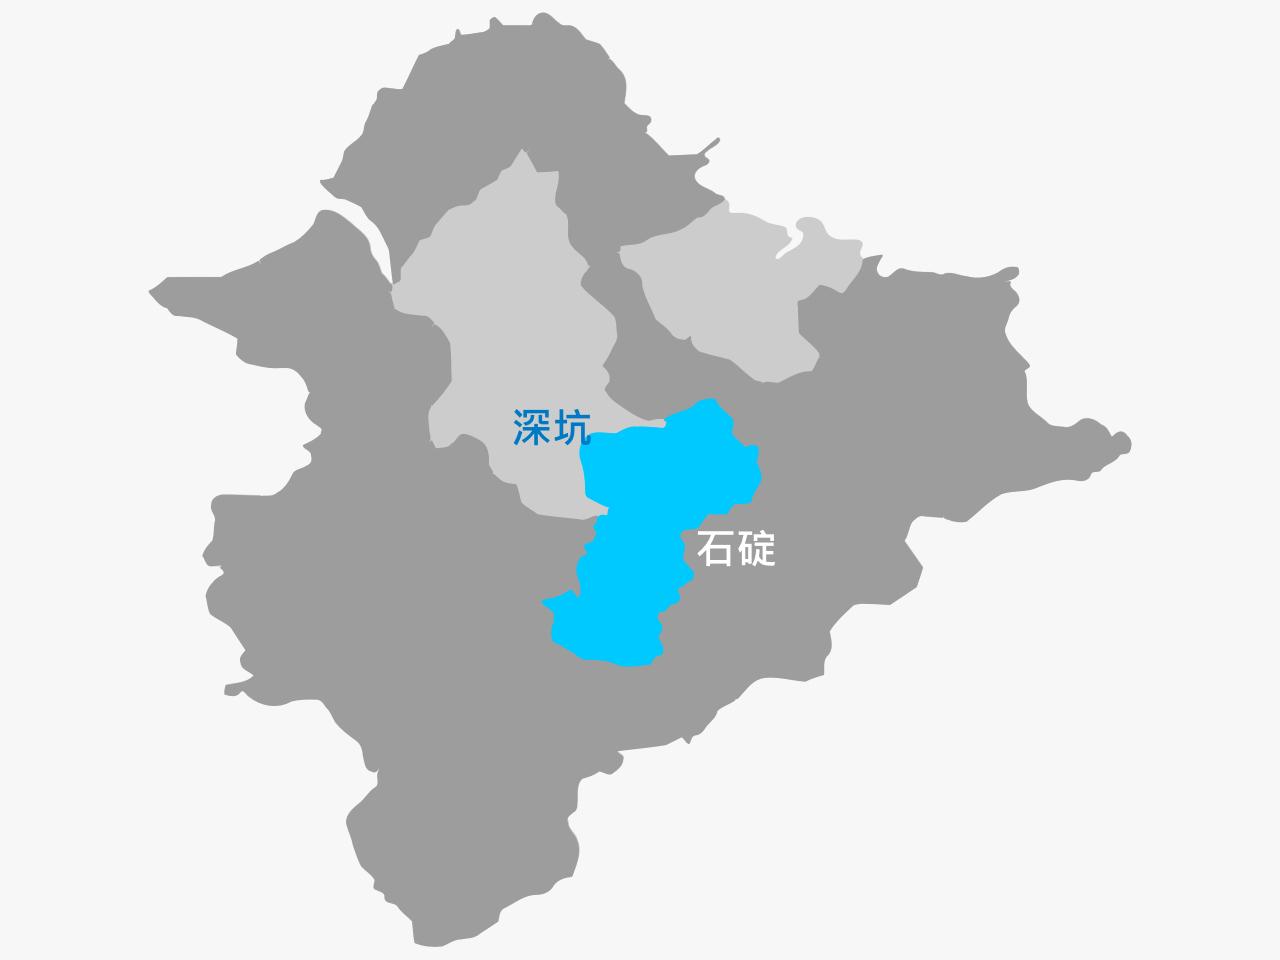 小鎮瀰漫豆腐香,山景相佐茶甘甜- MAP